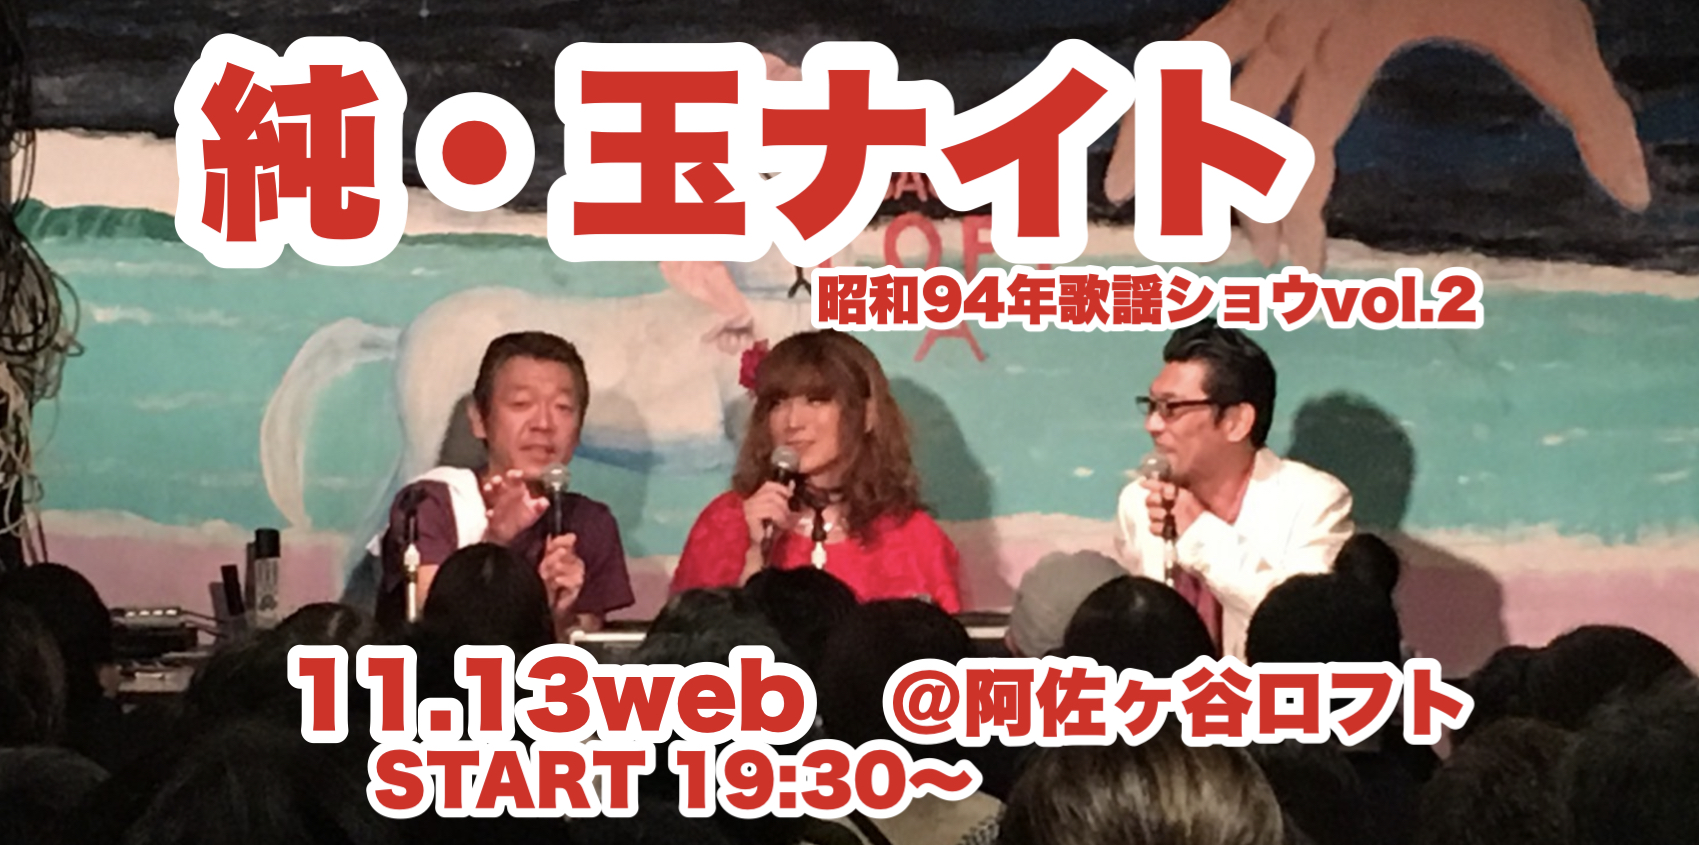 BBゴロープレゼンツ 「純・玉ナイト 昭和94年歌謡ショウvol.2!! 緊急参戦・春日太一!!」